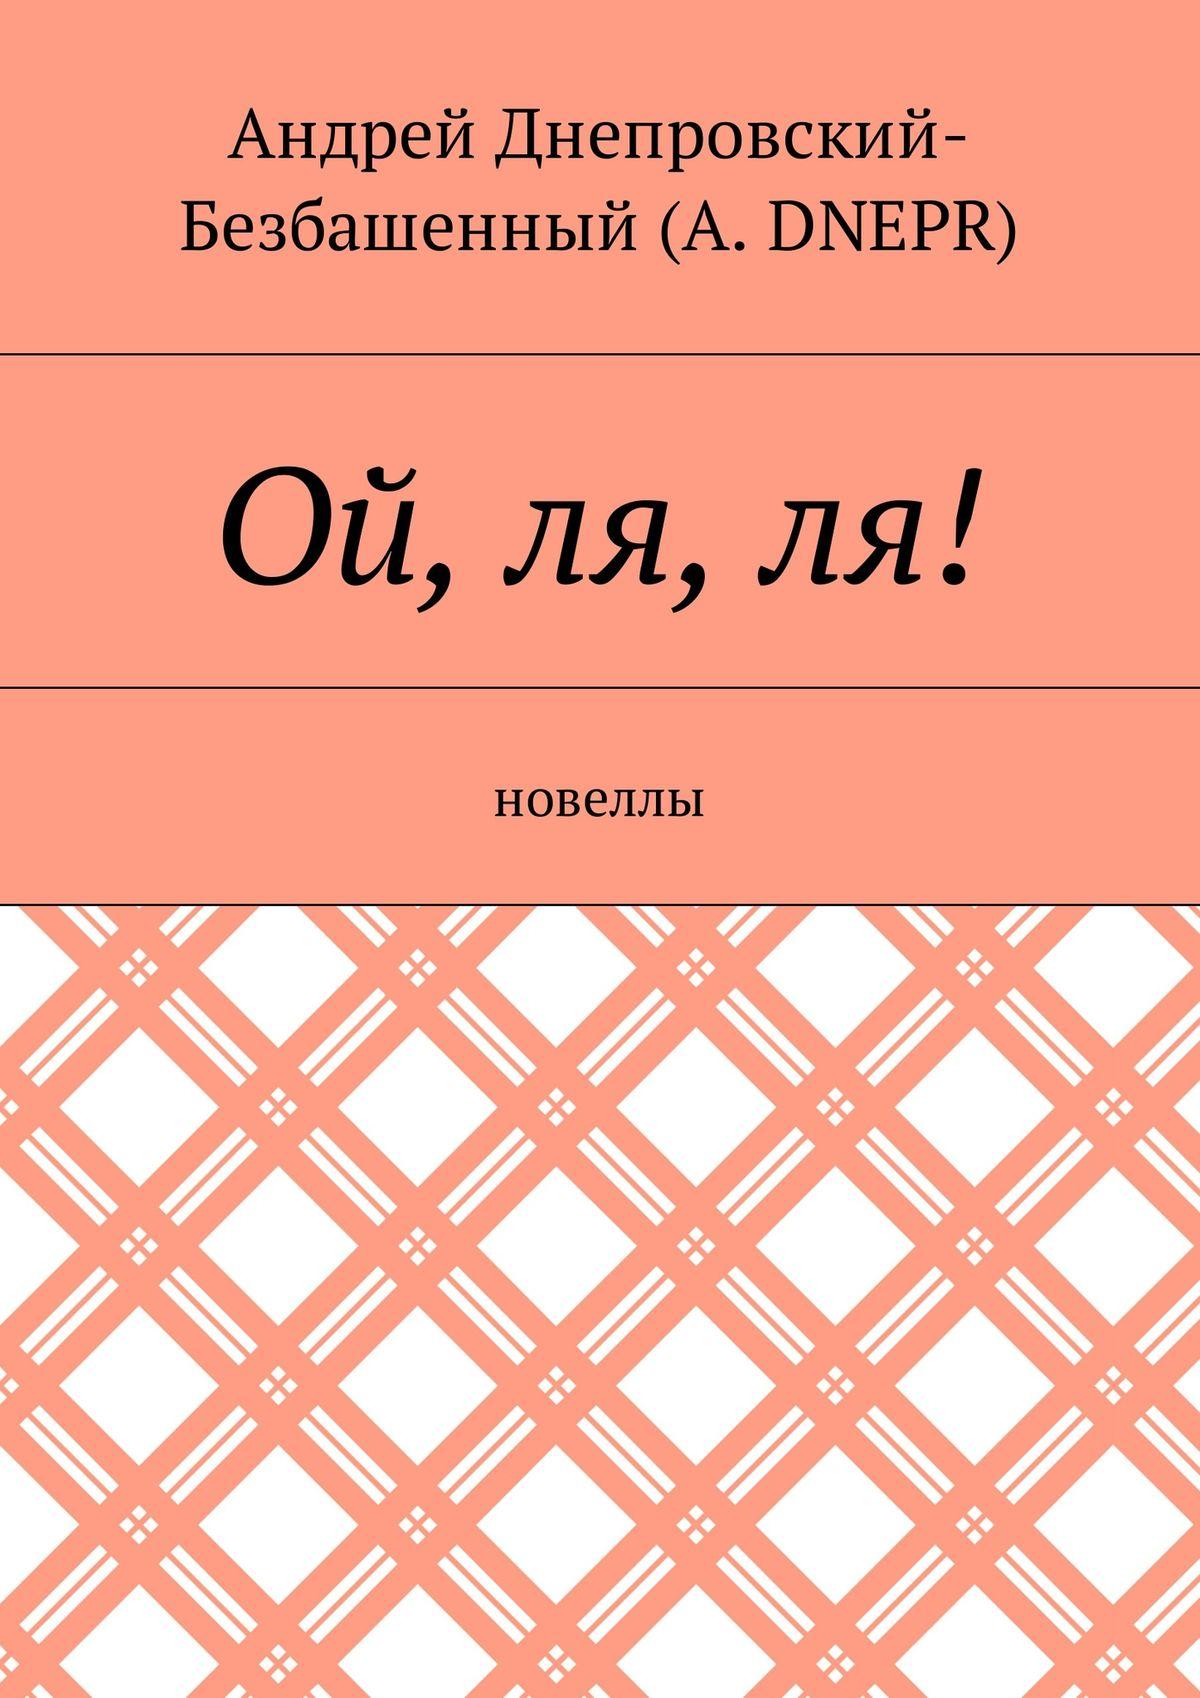 Андрей Днепровский-Безбашенный (A.DNEPR) Ой, ля,ля! Новеллы андрей днепровский безбашенный a dnepr верить всебя новеллы